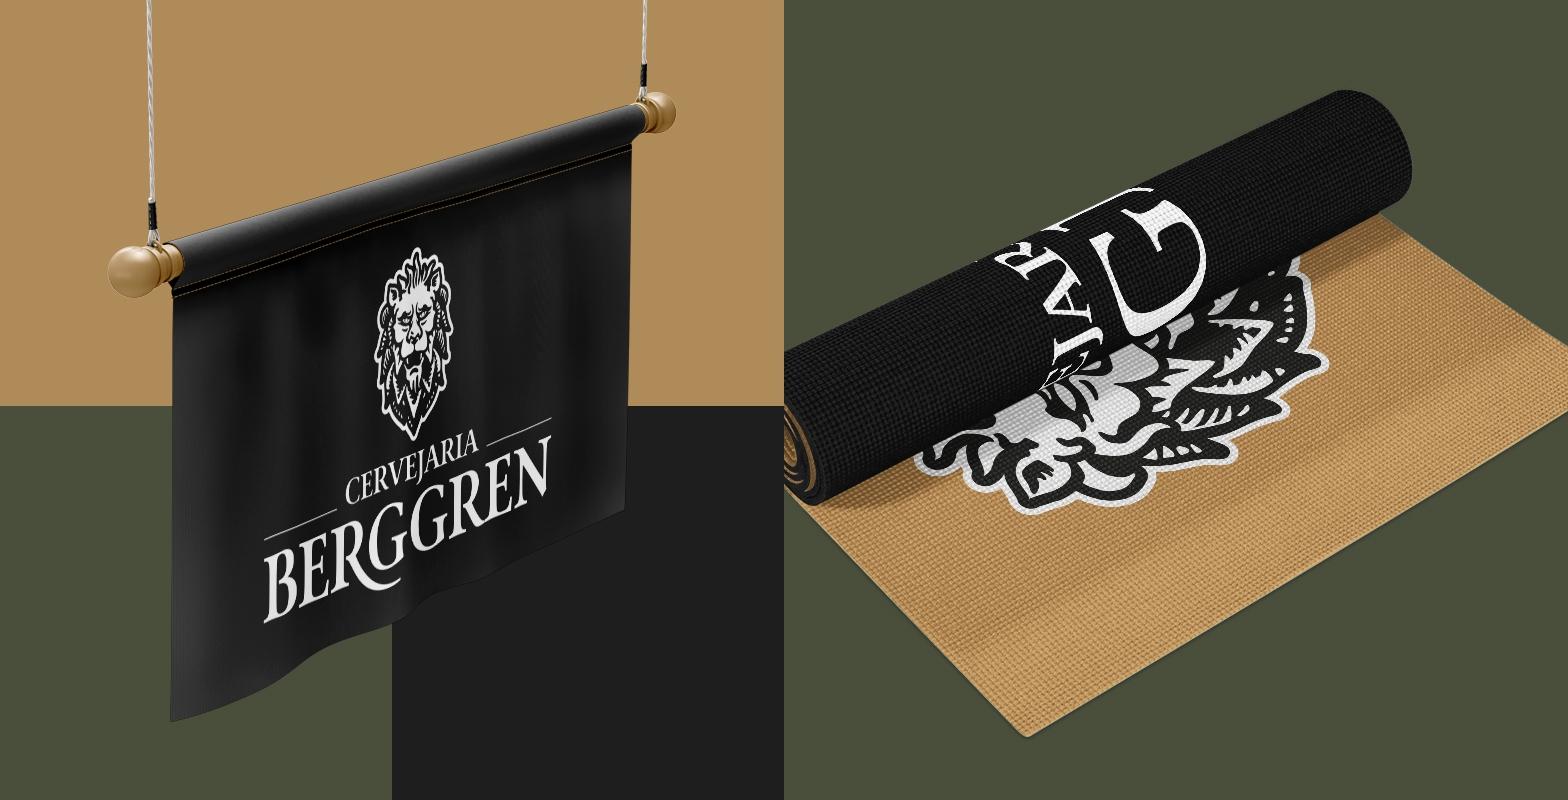 Berggren Bier - Identidade visual e Branding (9)